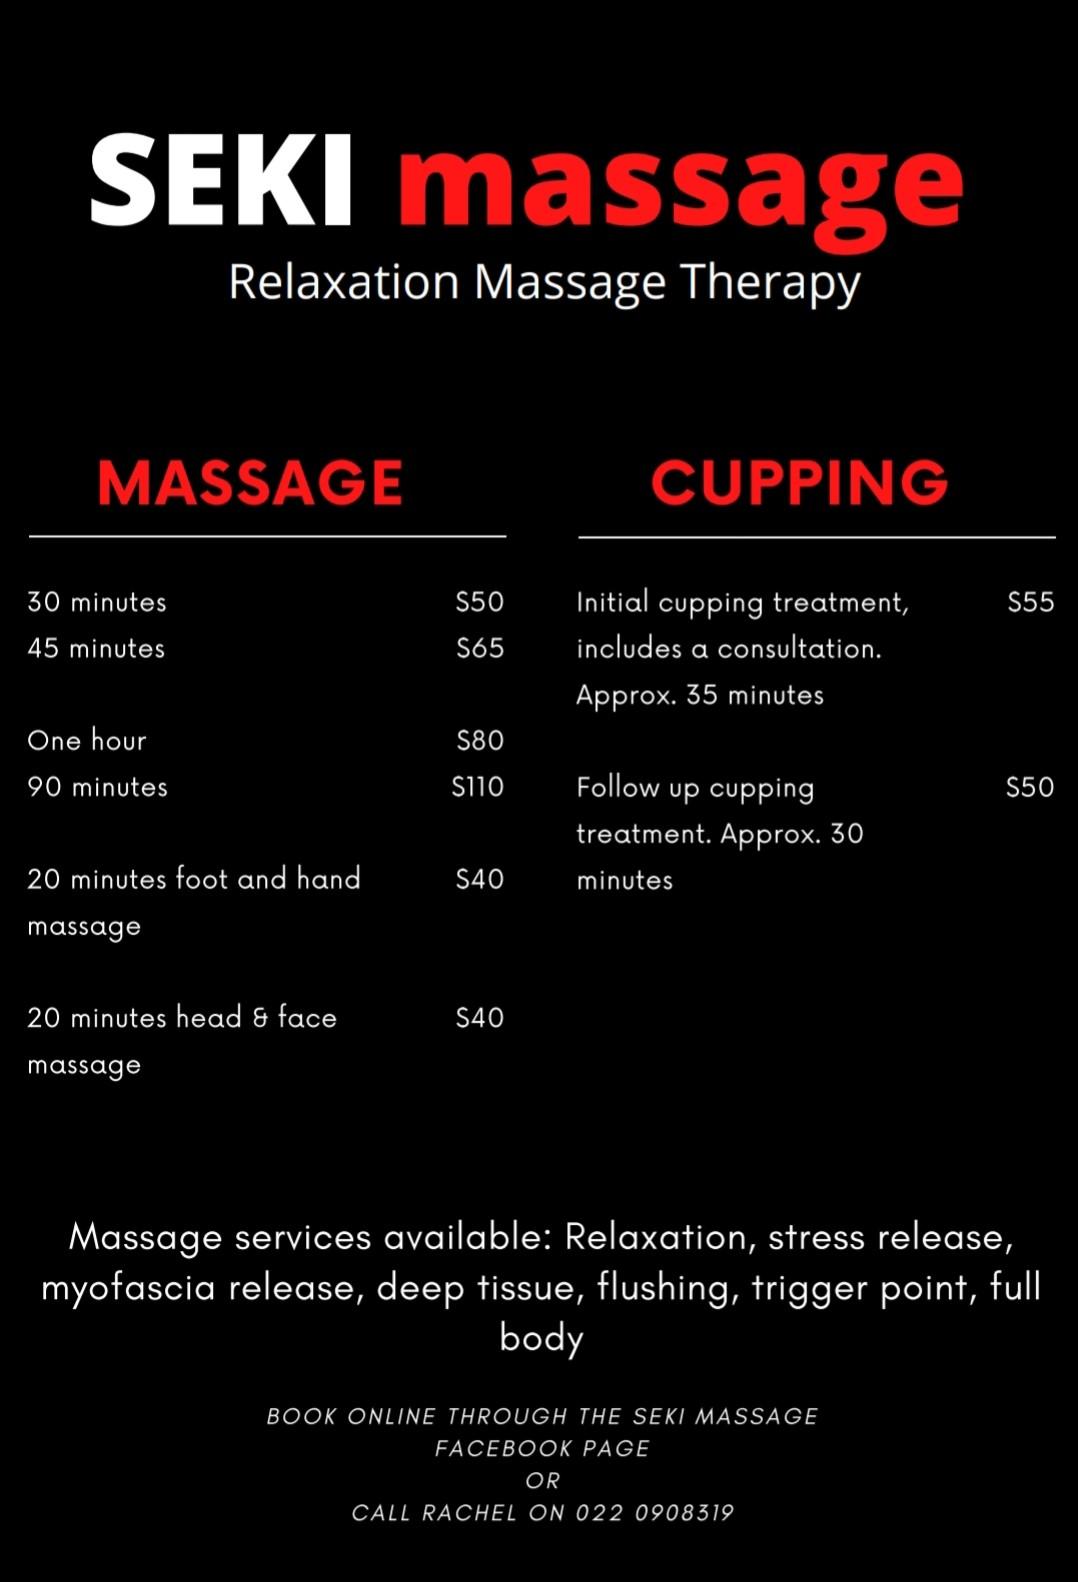 Seki Massage